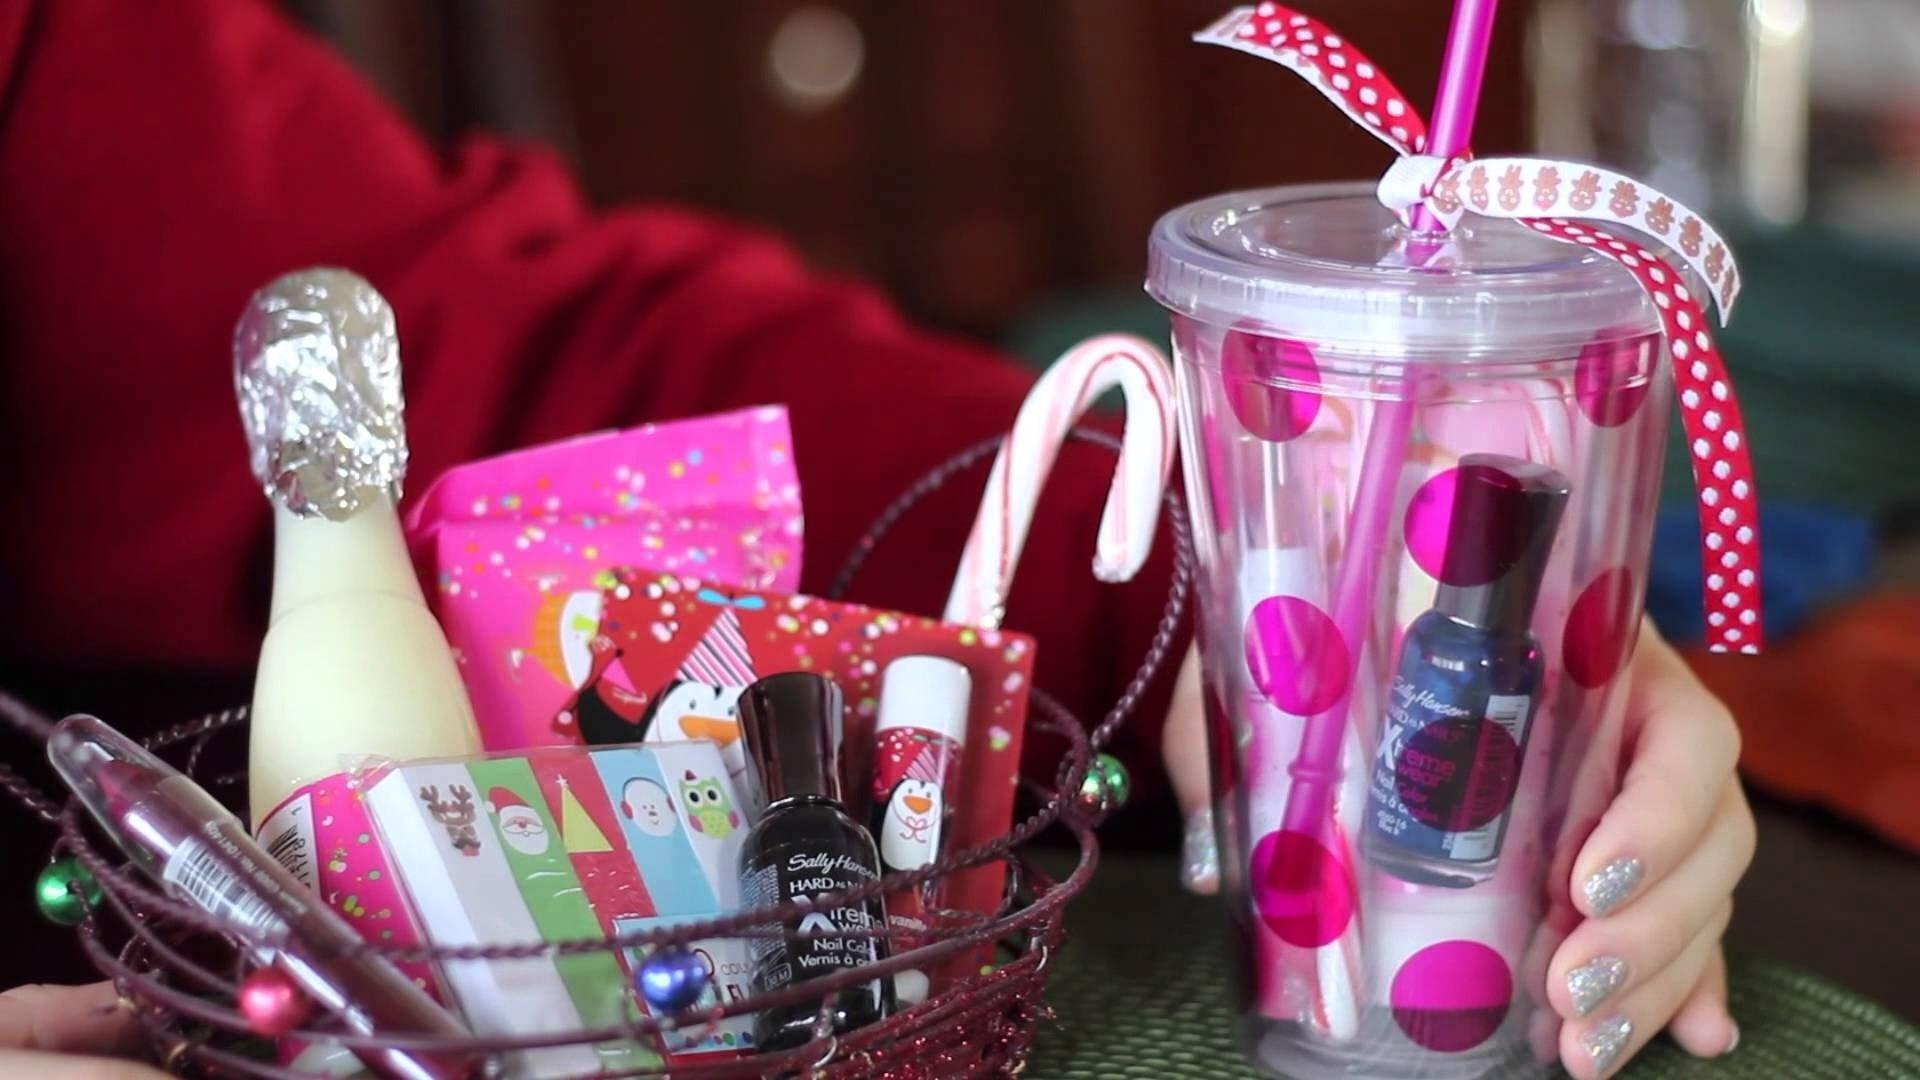 10 Pretty Cute Christmas Ideas For Friends cute diy gift ideas cheap easy and fun youtube 6 2021